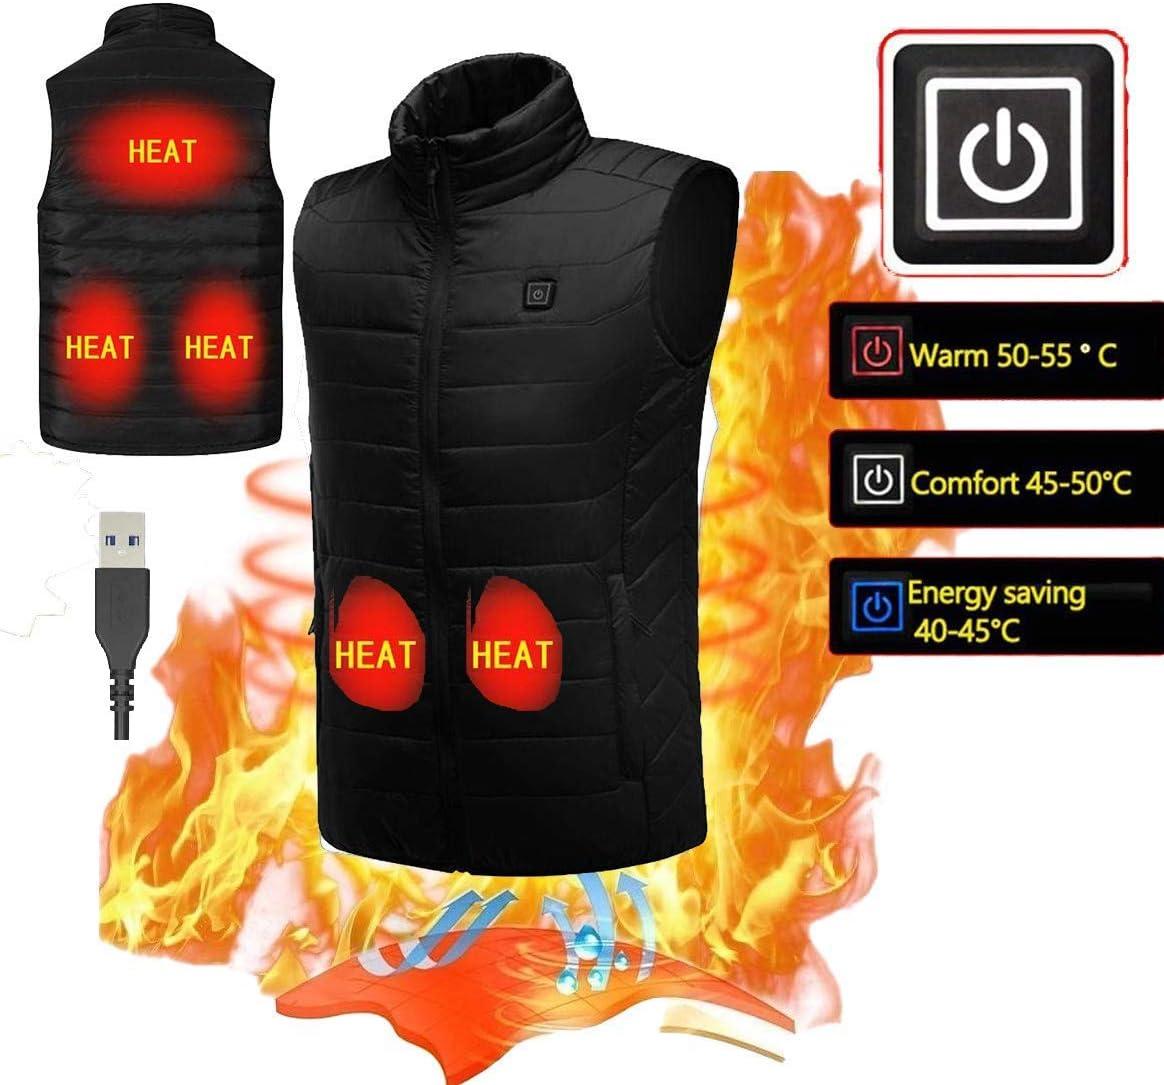 KOBWA Chaleco Calentador el/éctrico para Hombre Chaleco Calentador para Invierno Chaleco para Deportes al Aire Libre Carga USB Mujer 5 V c/álido Aislante Ajustable EU-S